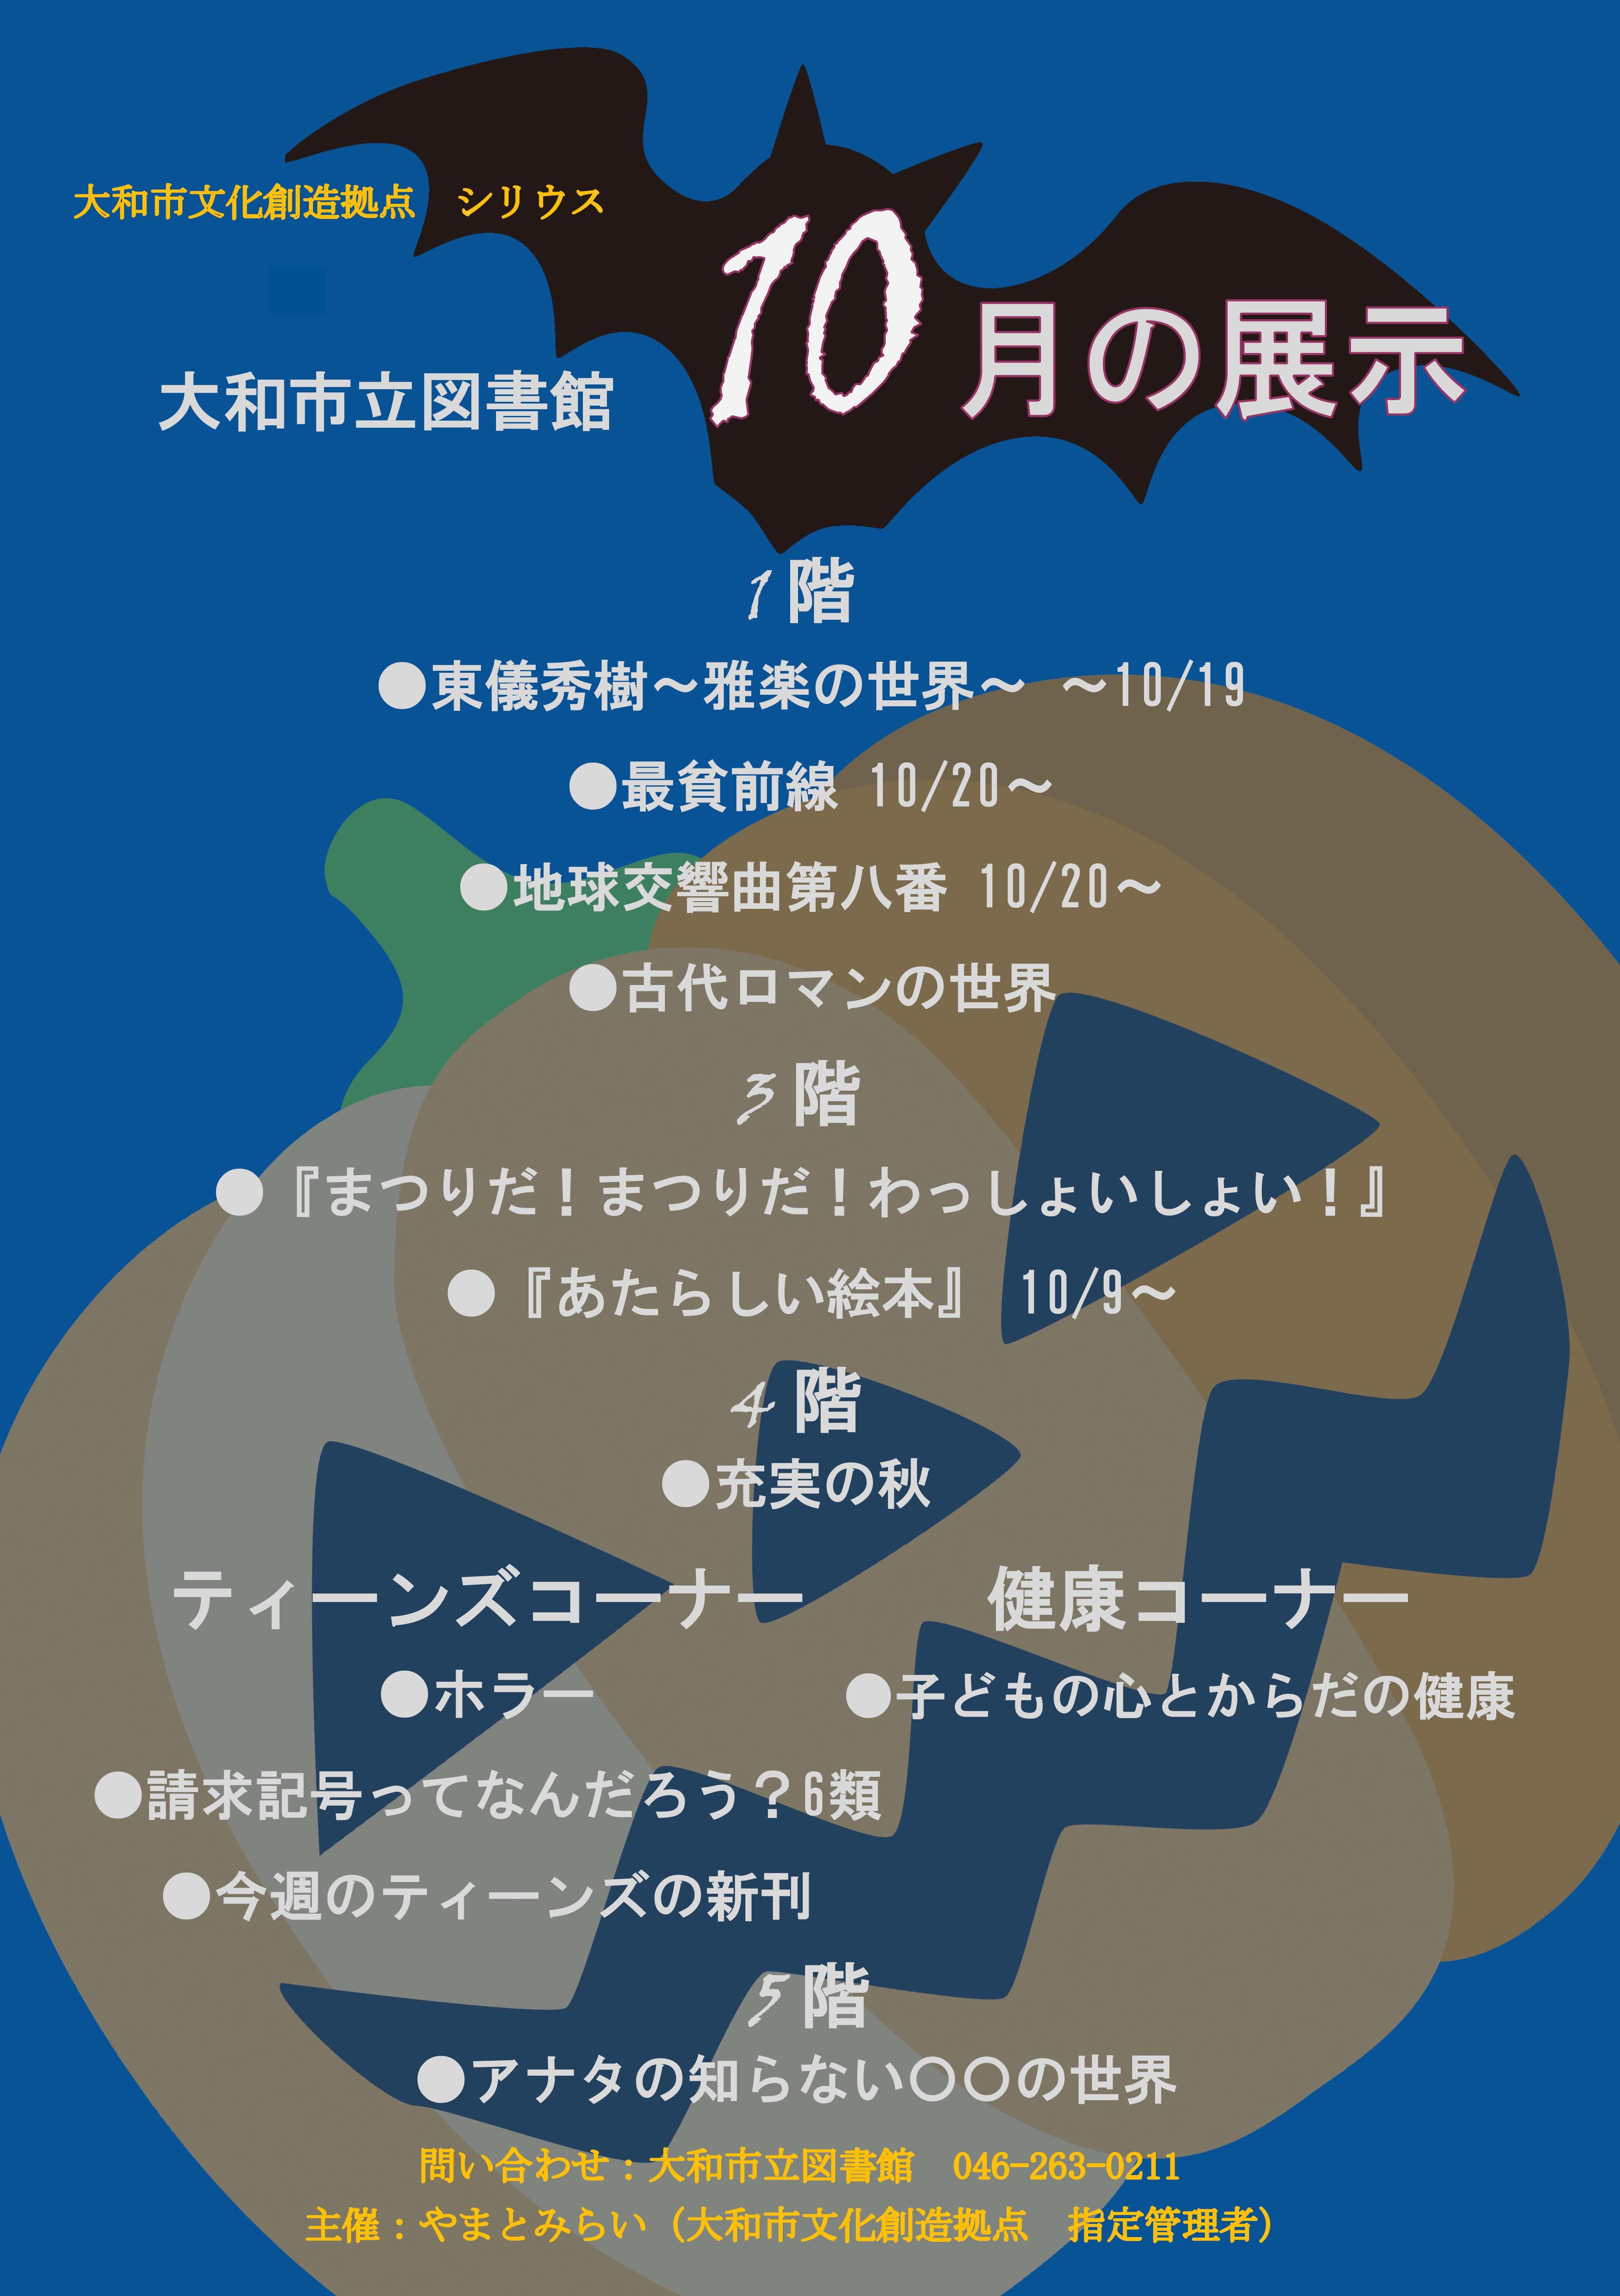 10月の展示